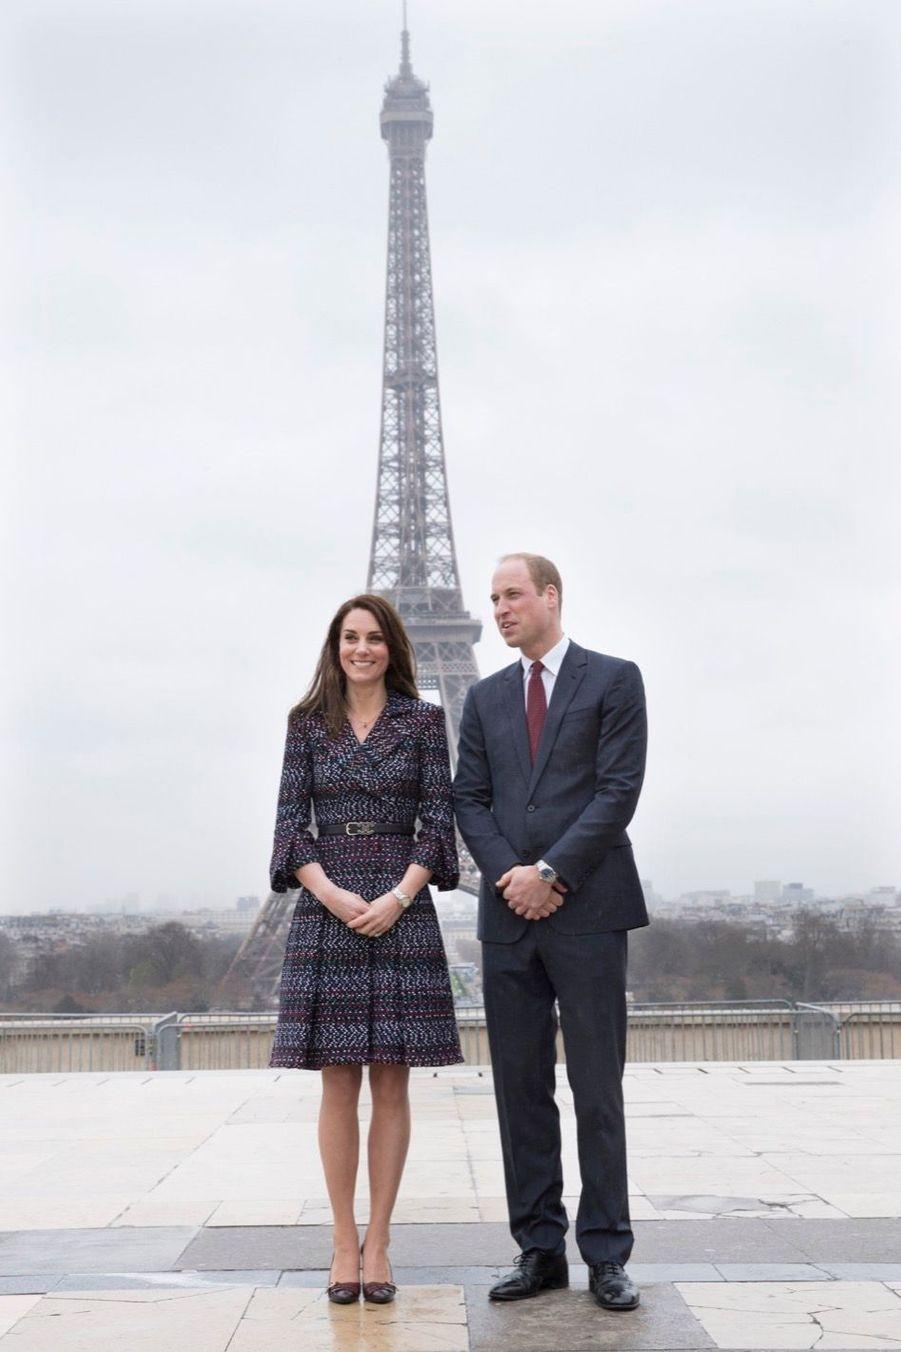 Kate Middleton Et Le Prince William Jouent Au Rugby Sur L'esplanade Du Trocadéro 18